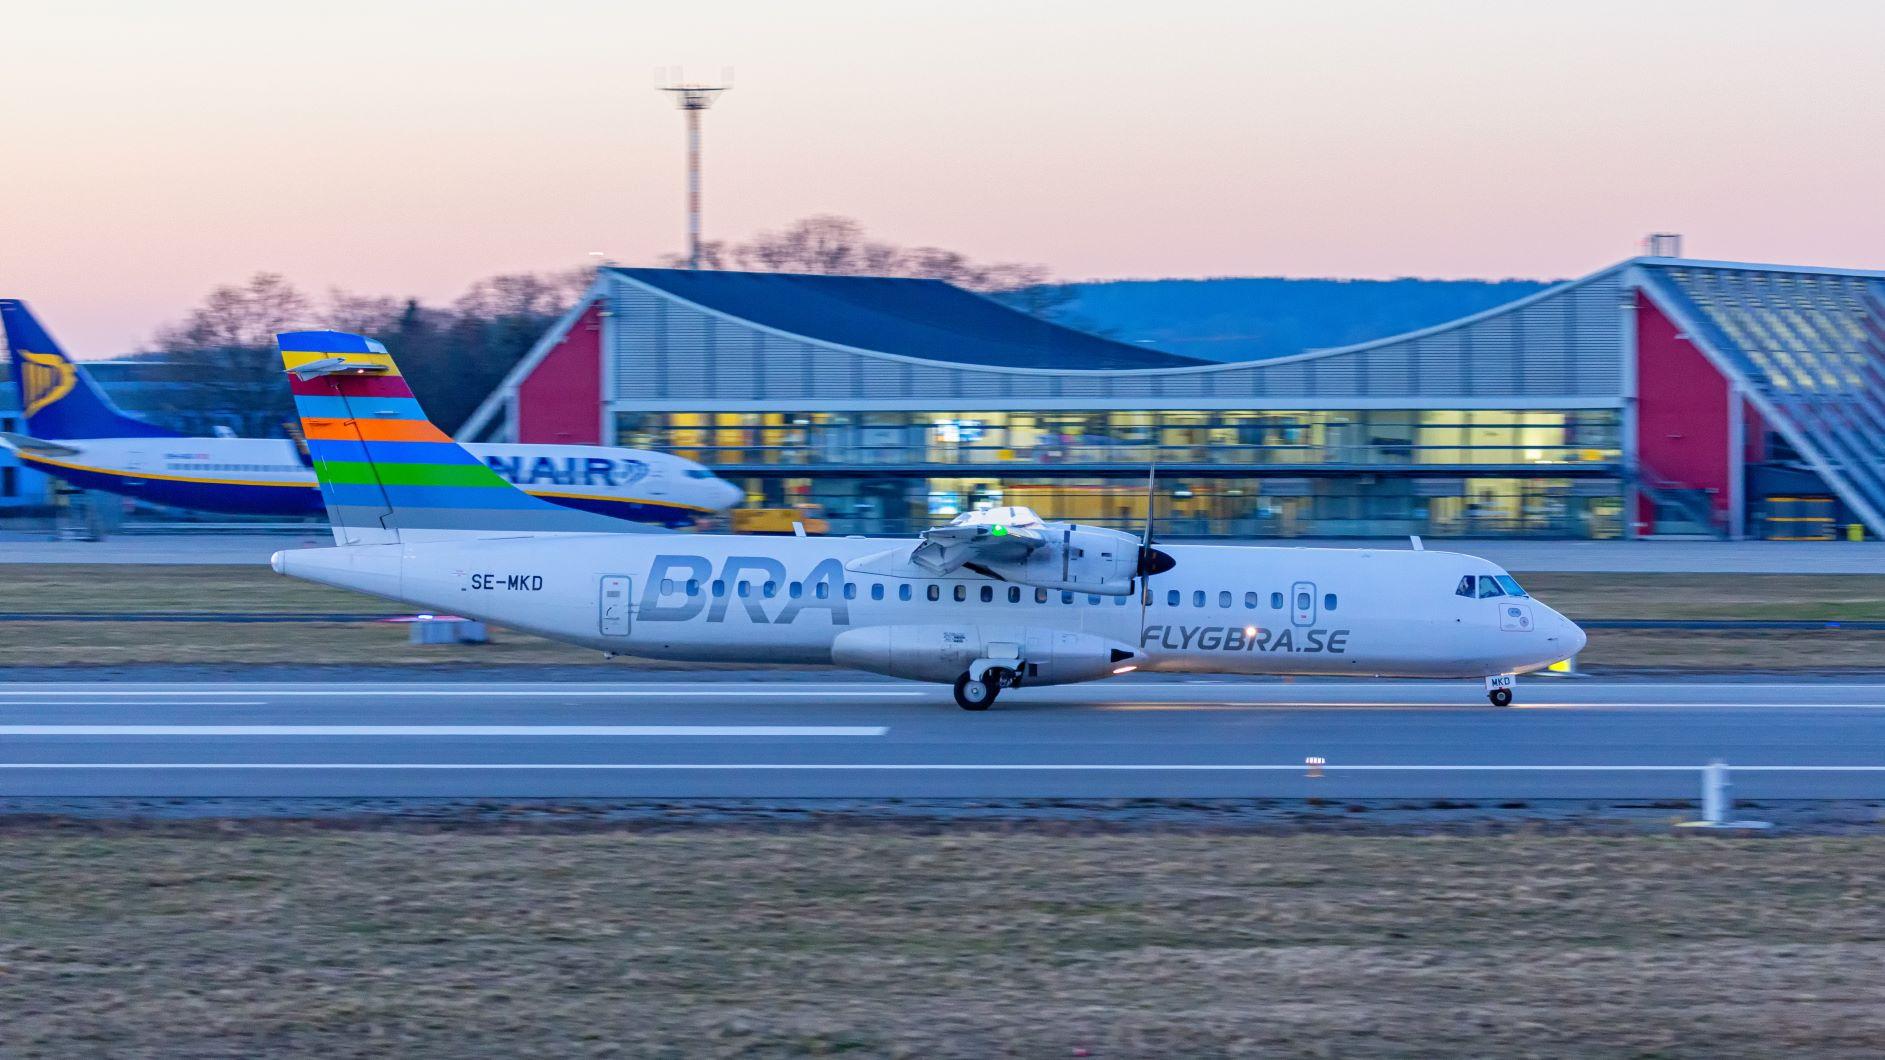 Landung der Maschine aus Schweden am Flughafen Memmingen